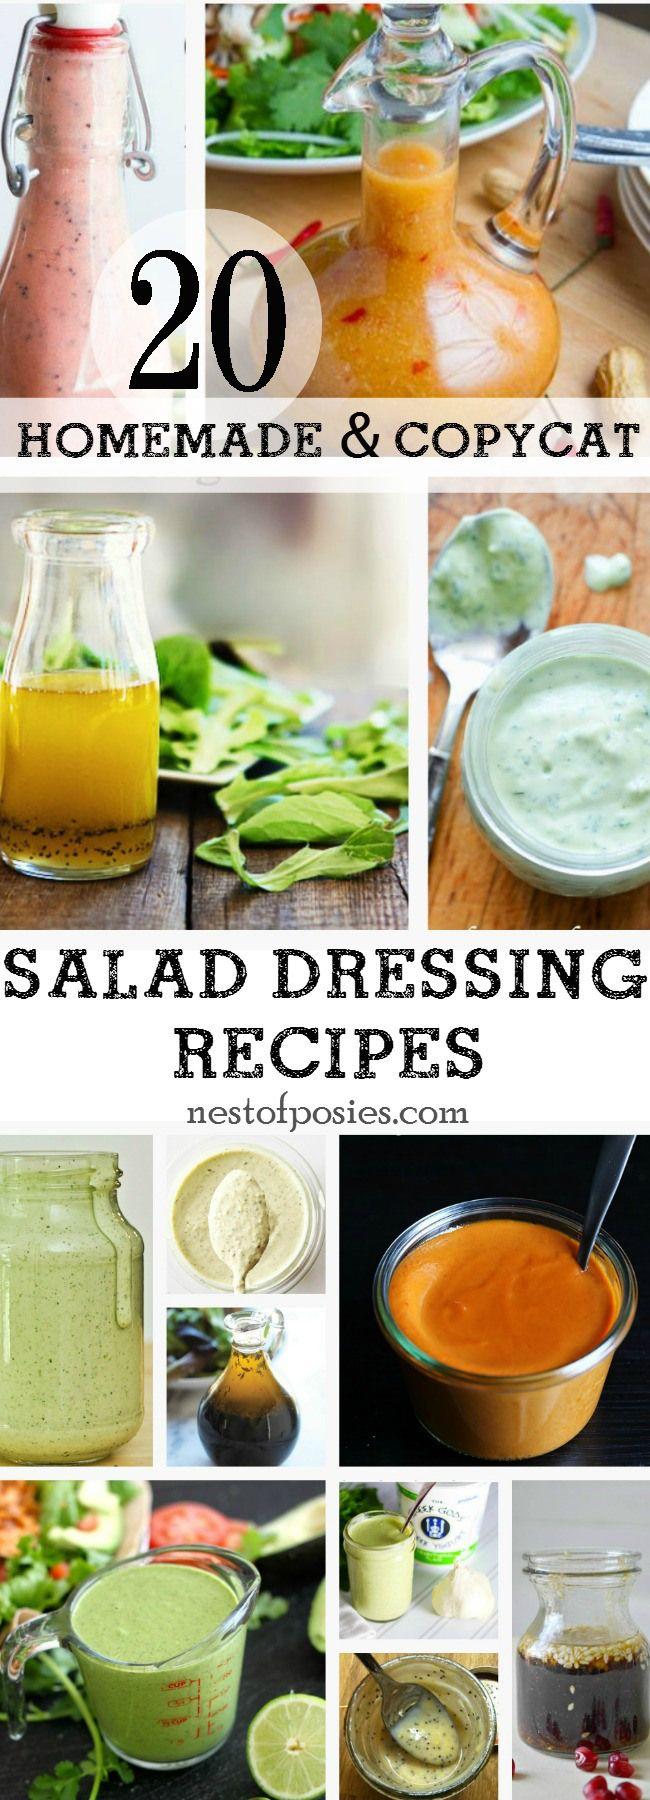 20 Salad Dressing Recipes